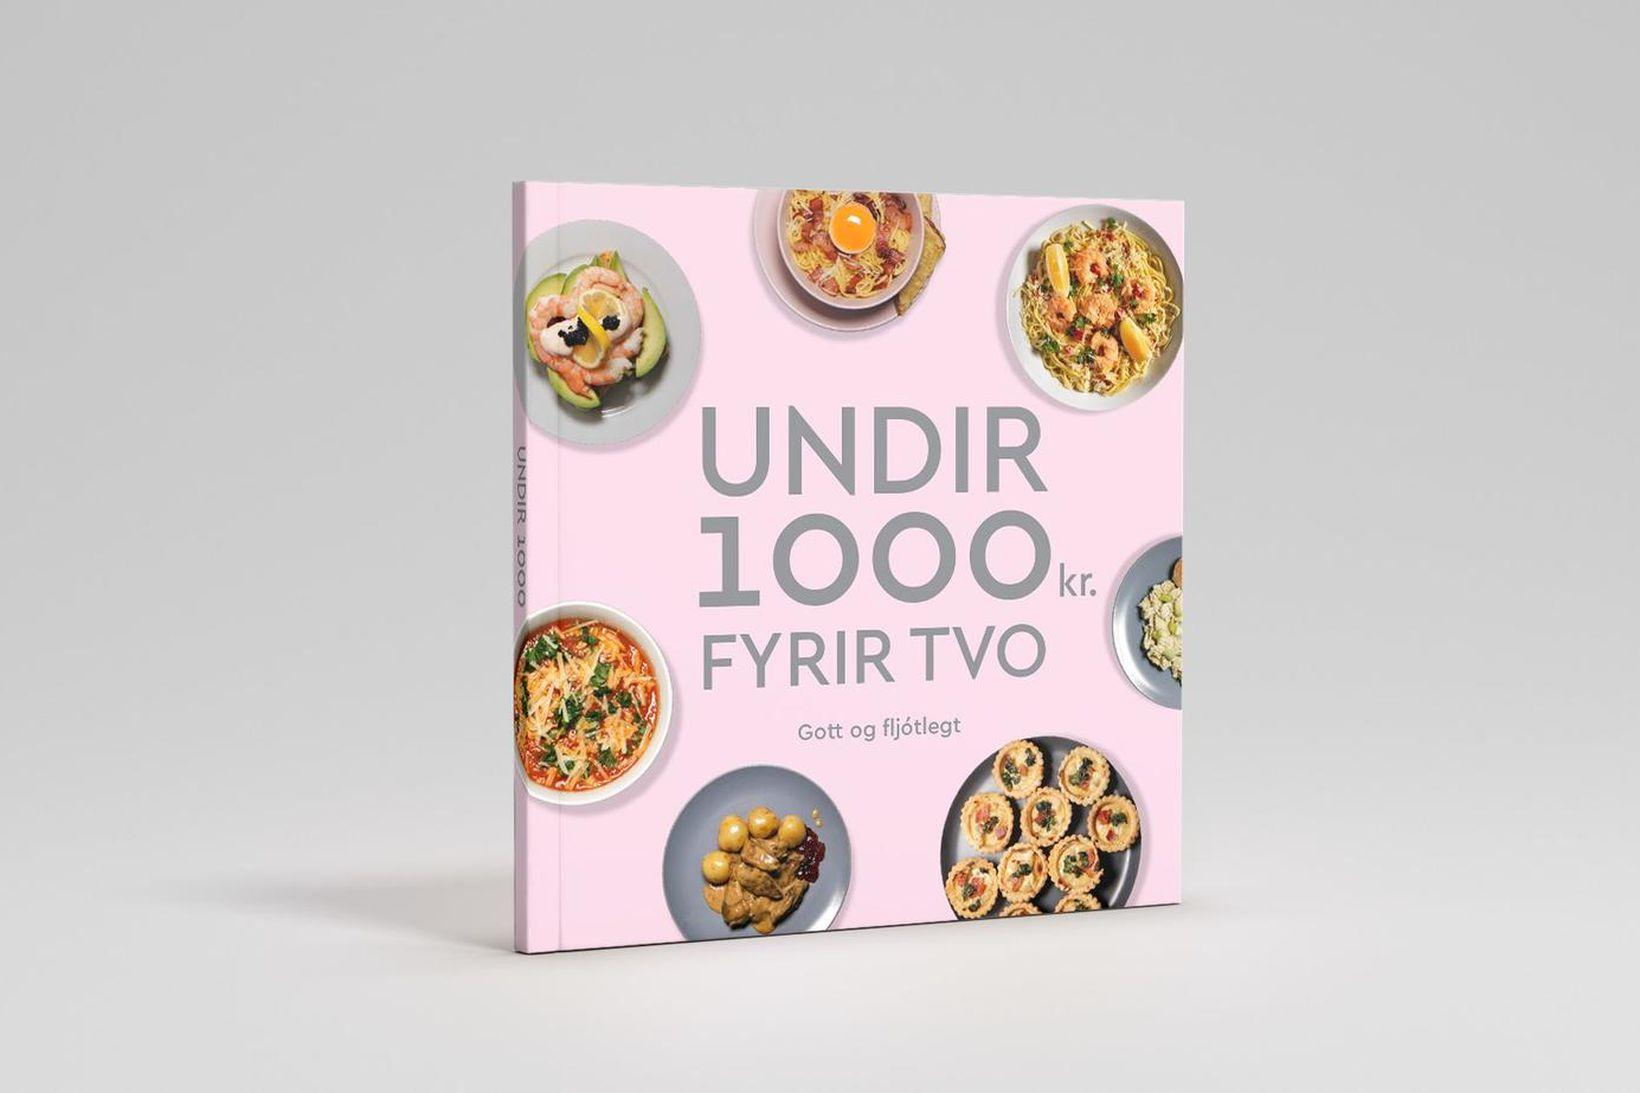 Ný matreiðslubók sem inniheldur 40 fljótlegar og ódýrar uppskriftir.